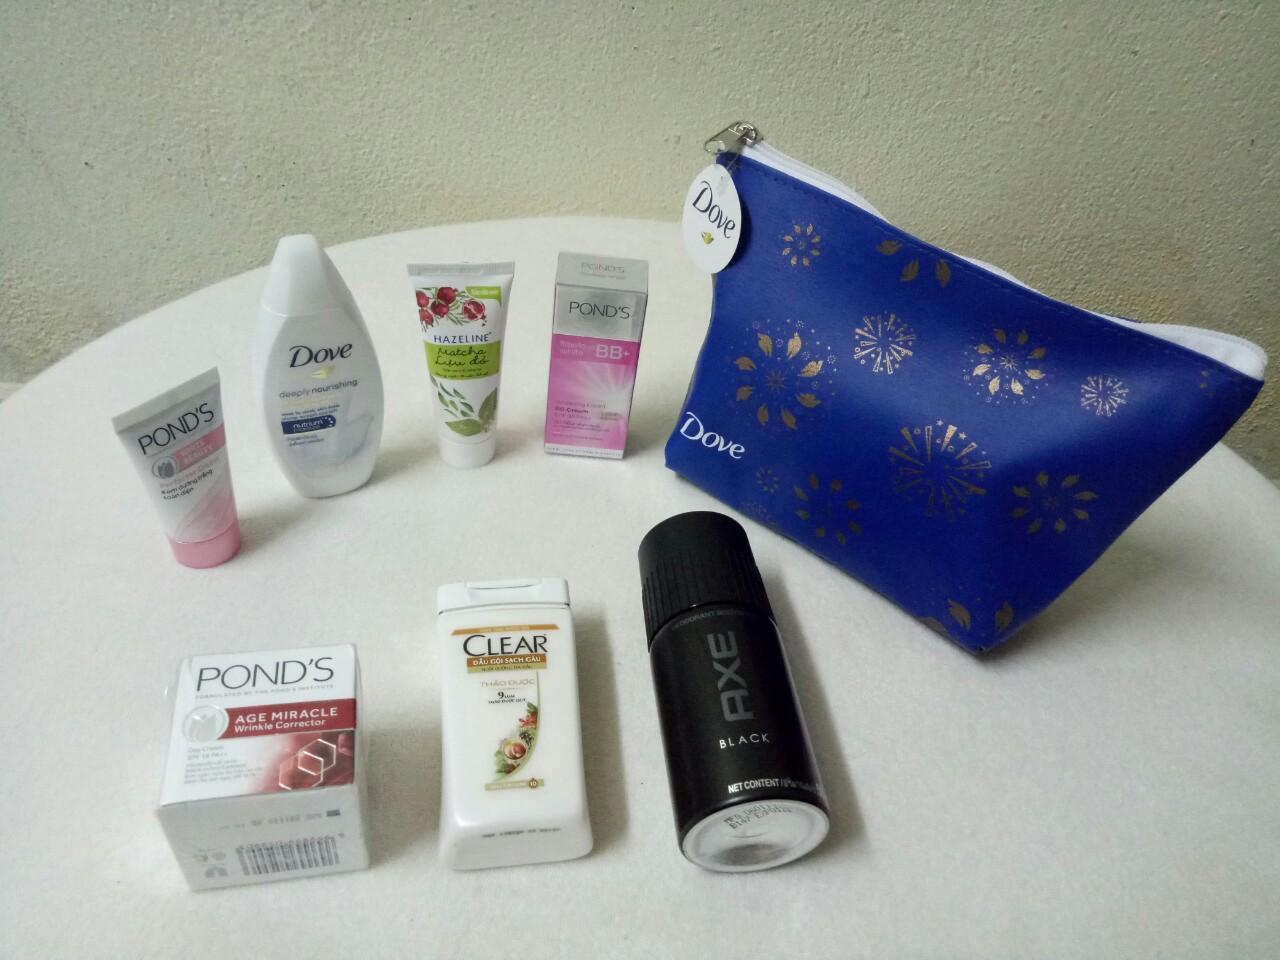 Hình ảnh Trọn bộ 7 món : mỹ phẩm dành cho nam & nữ (như hình)+ kèm theo túi mỹ phẩm xinh xắn